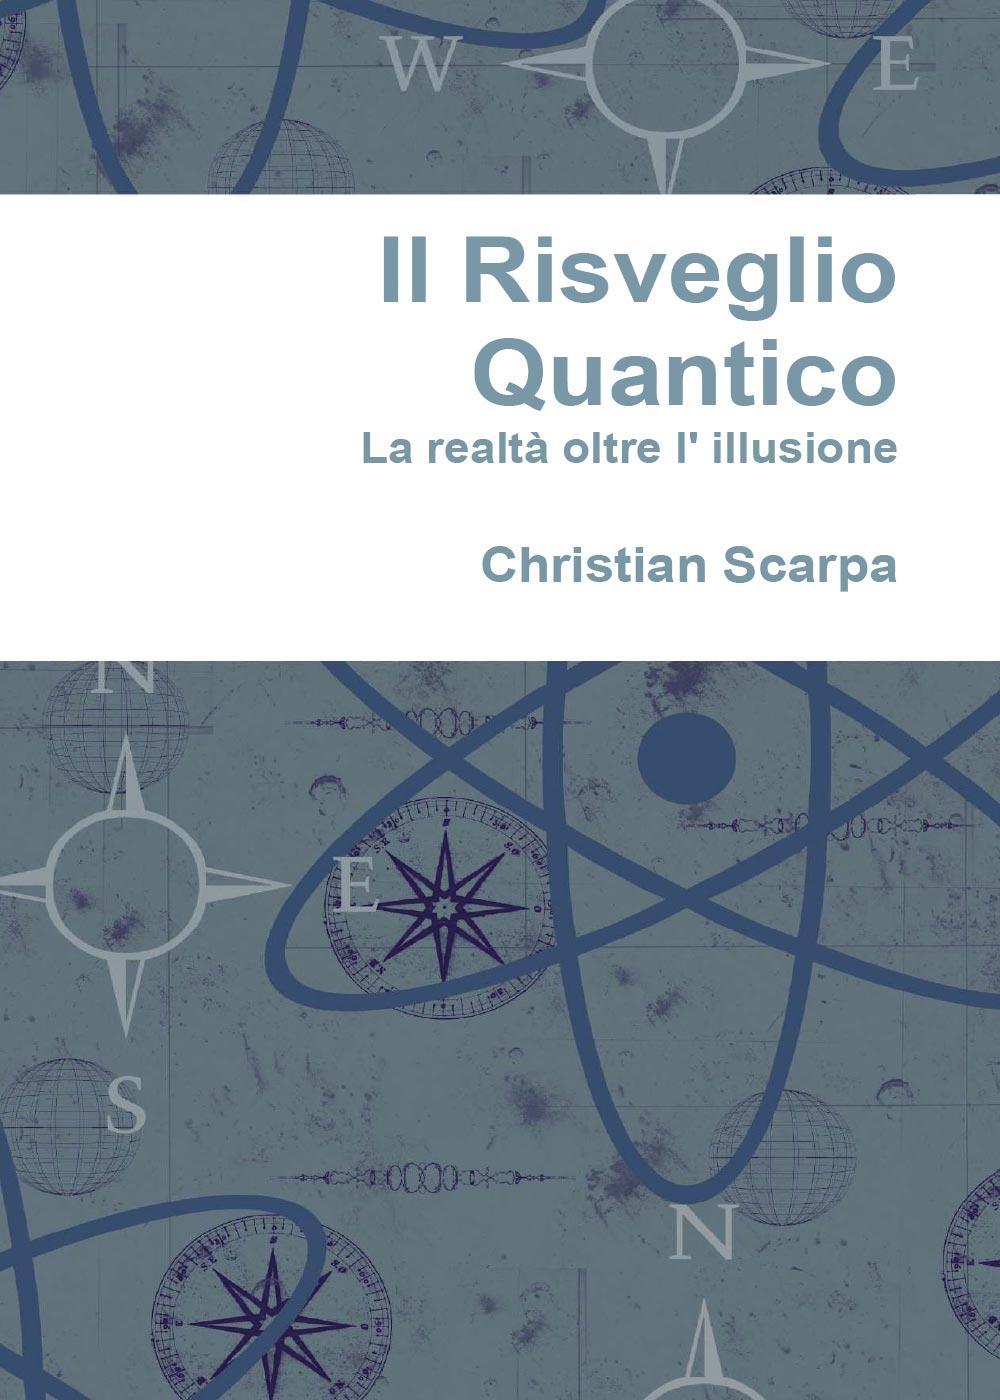 Il risveglio quantico: la realtà oltre l' illusione